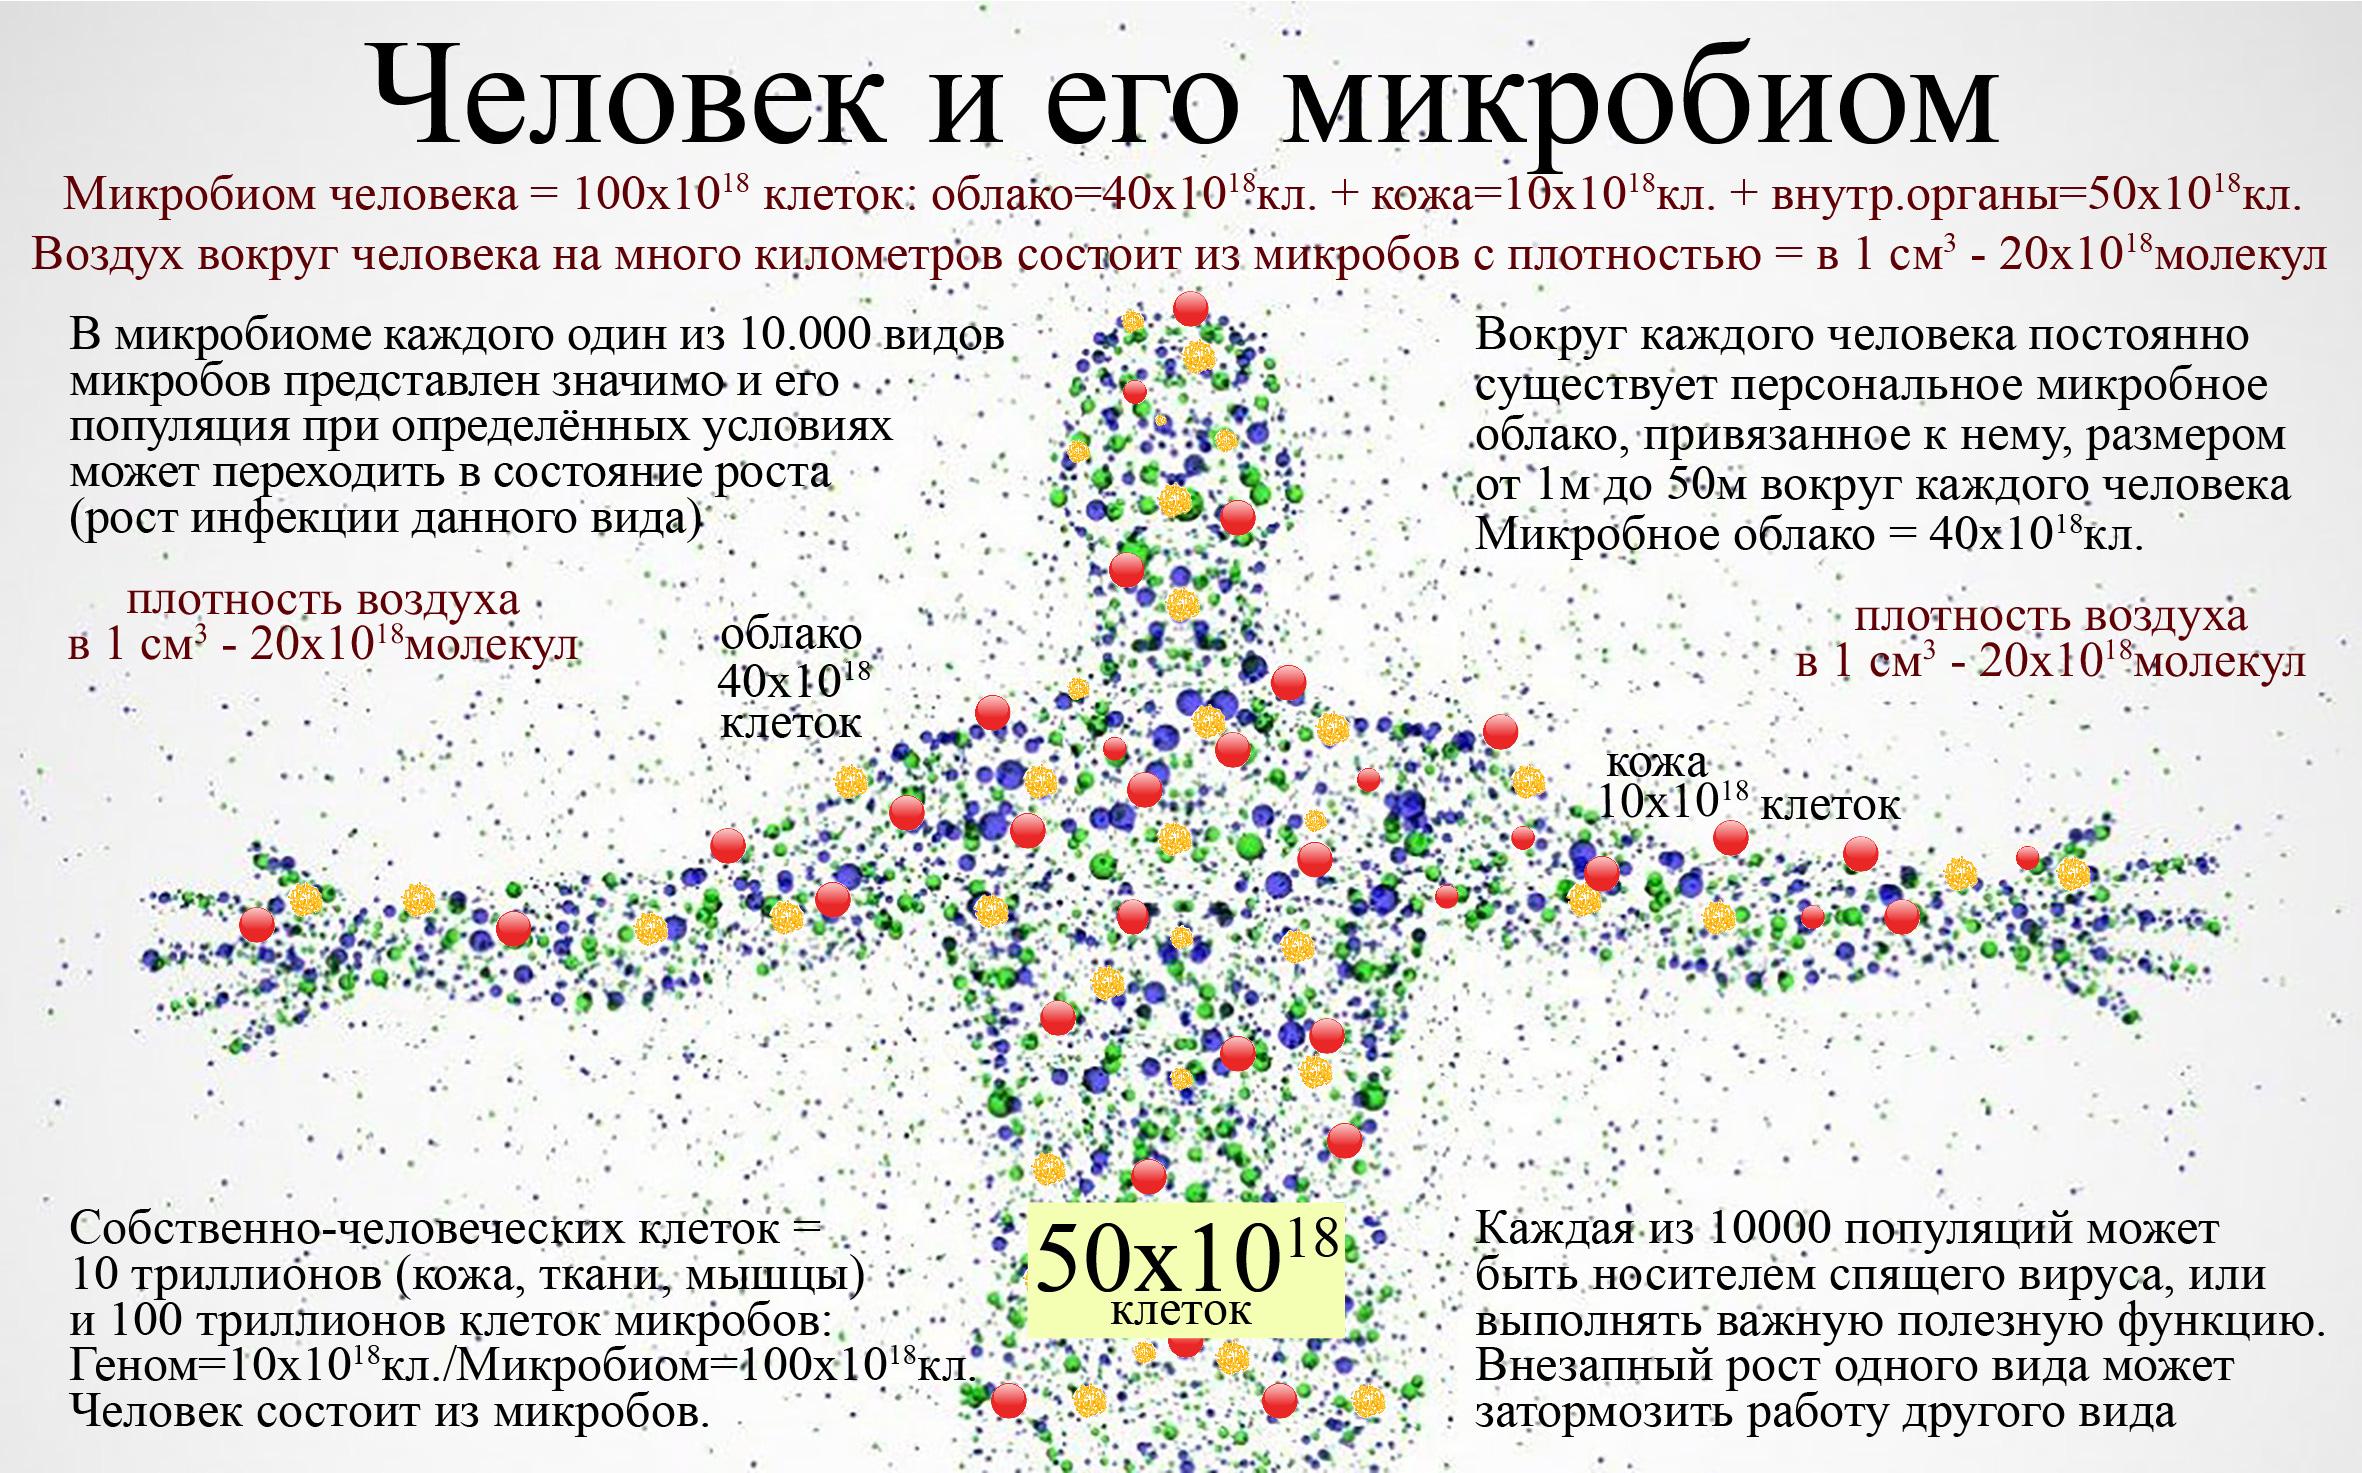 Мы и наши микробы